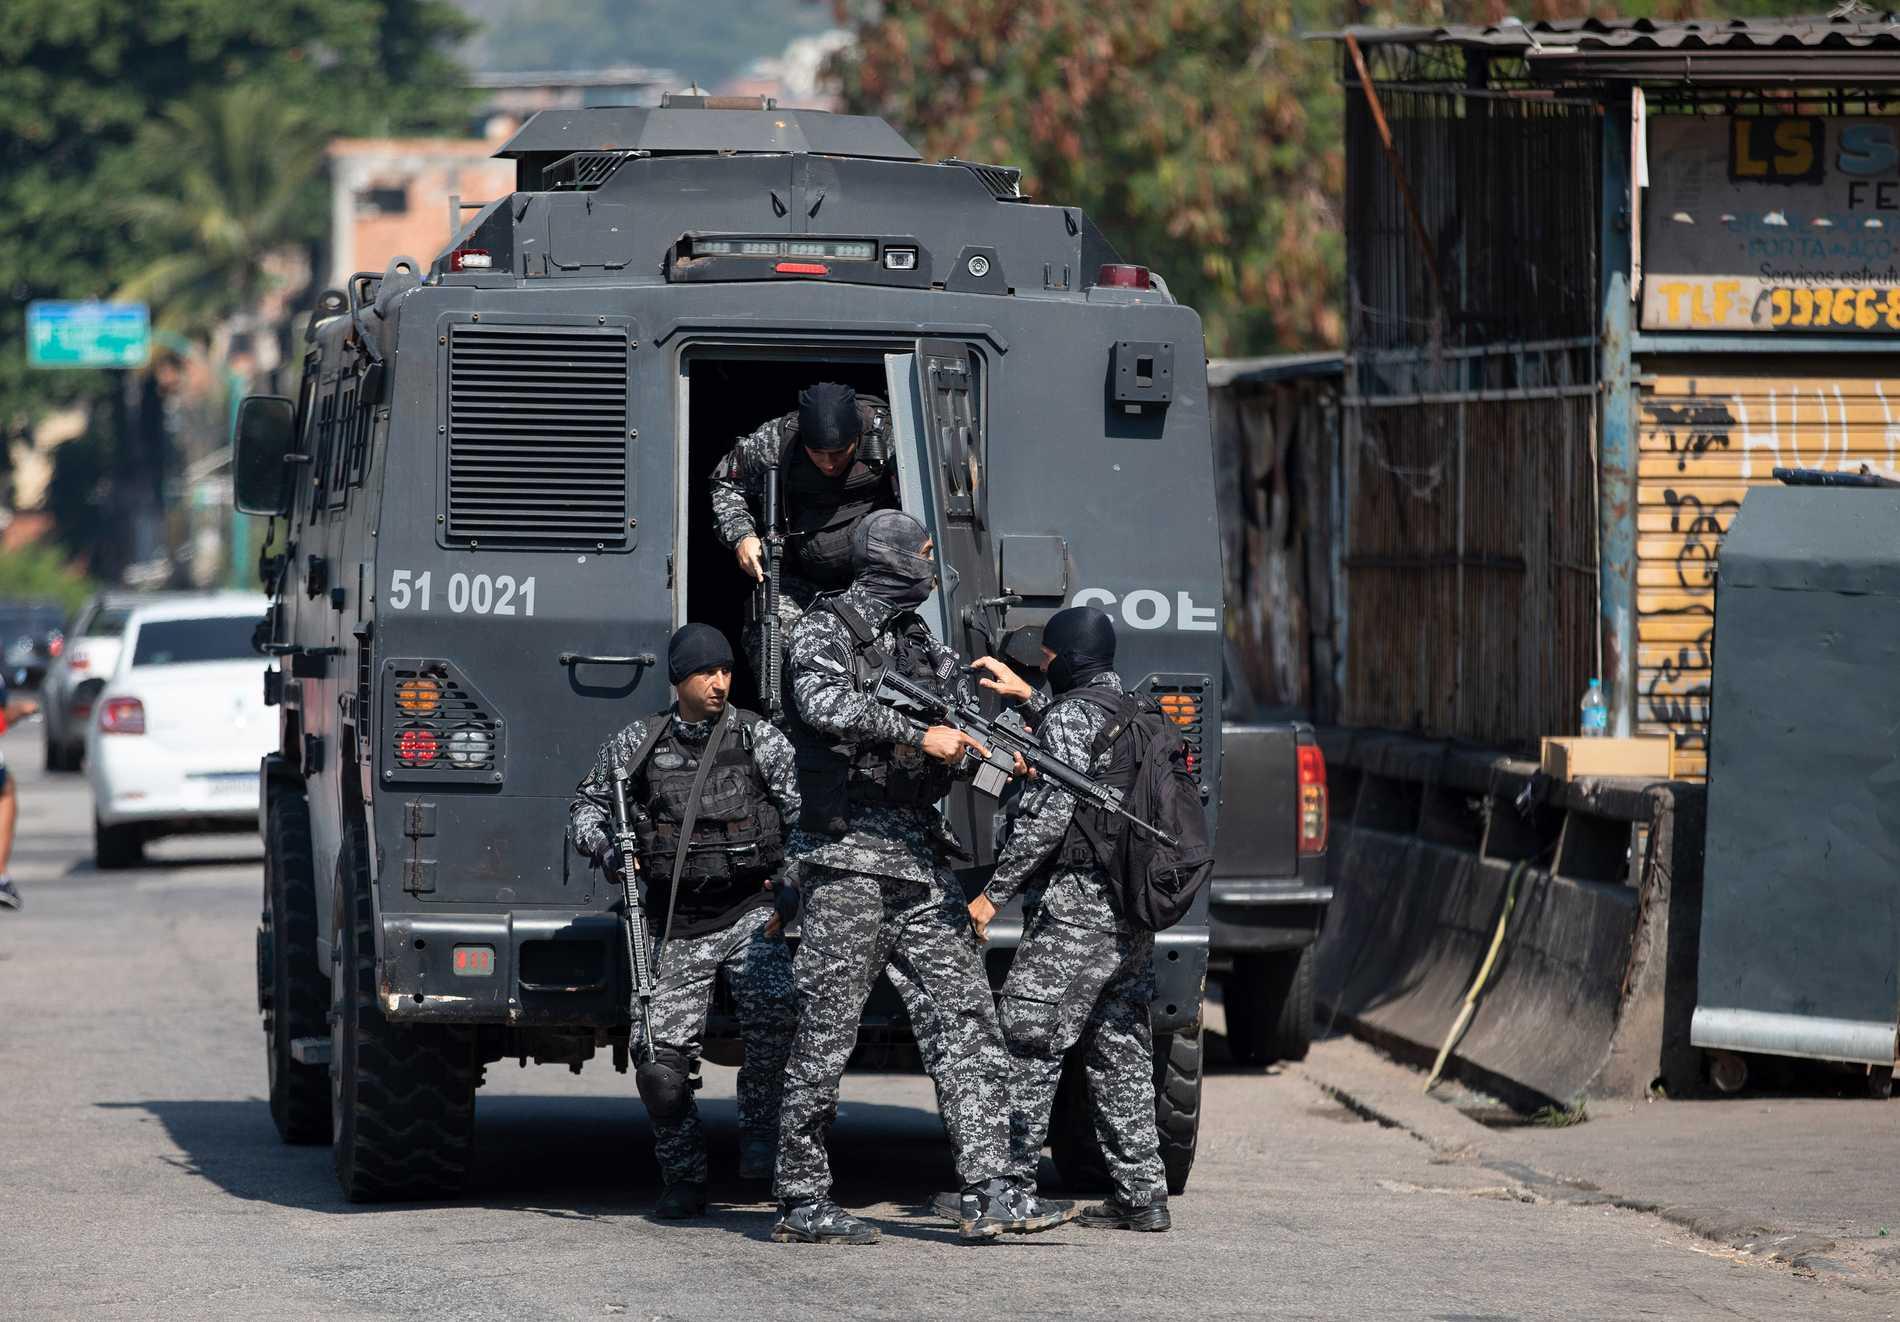 Brasilianska poliser förbereder sig för tillslaget mot knarkhandlare i Rio de Janeiro på torsdagen. Minst 25 människor dog – varav en polis – i tillslaget, enligt lokala medier.